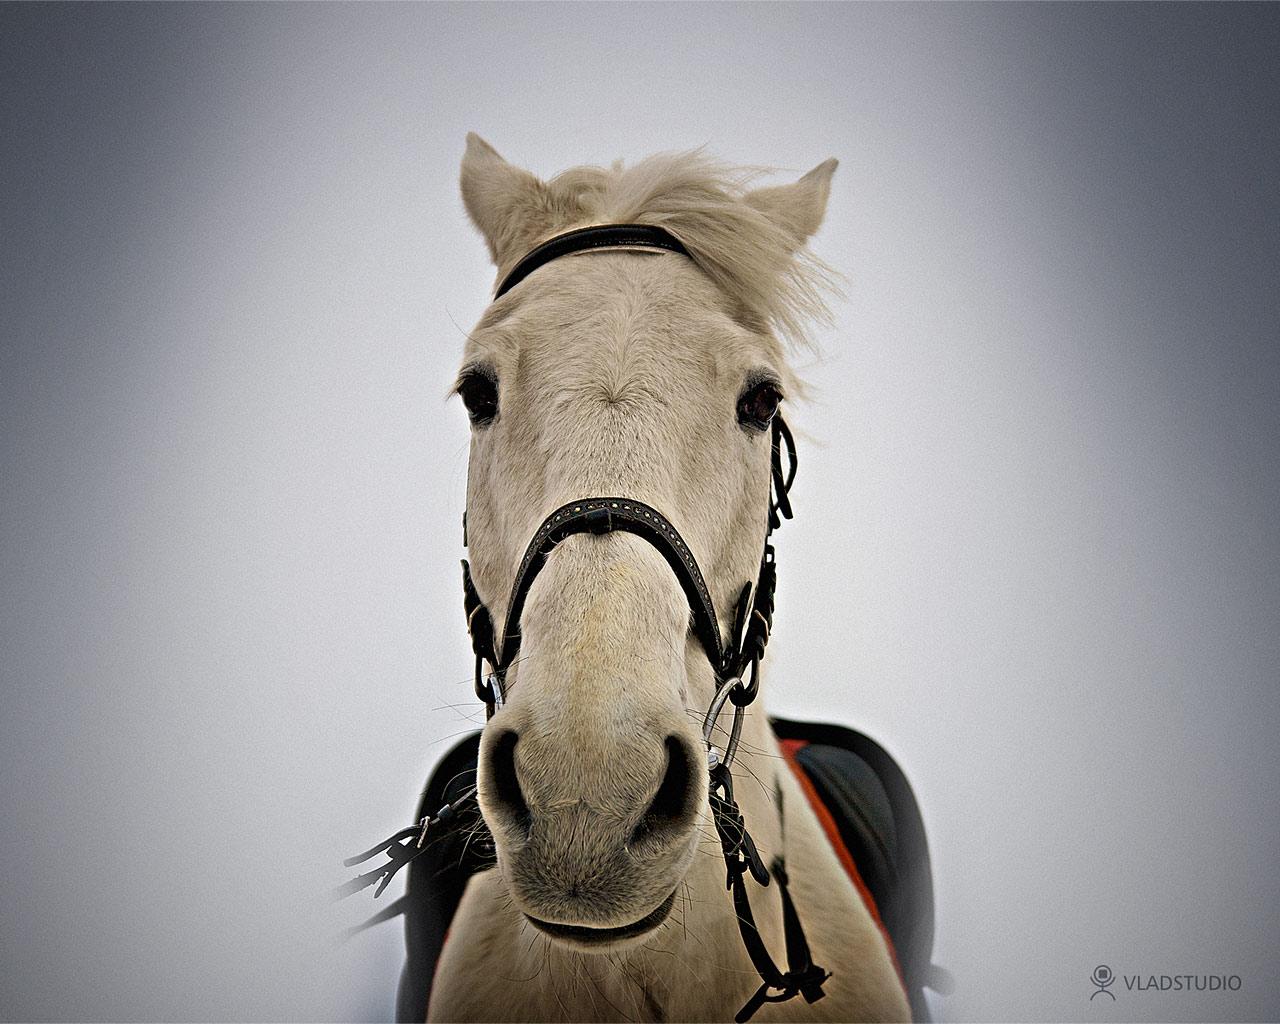 Конь, фото, обои для рабочего стола, фото